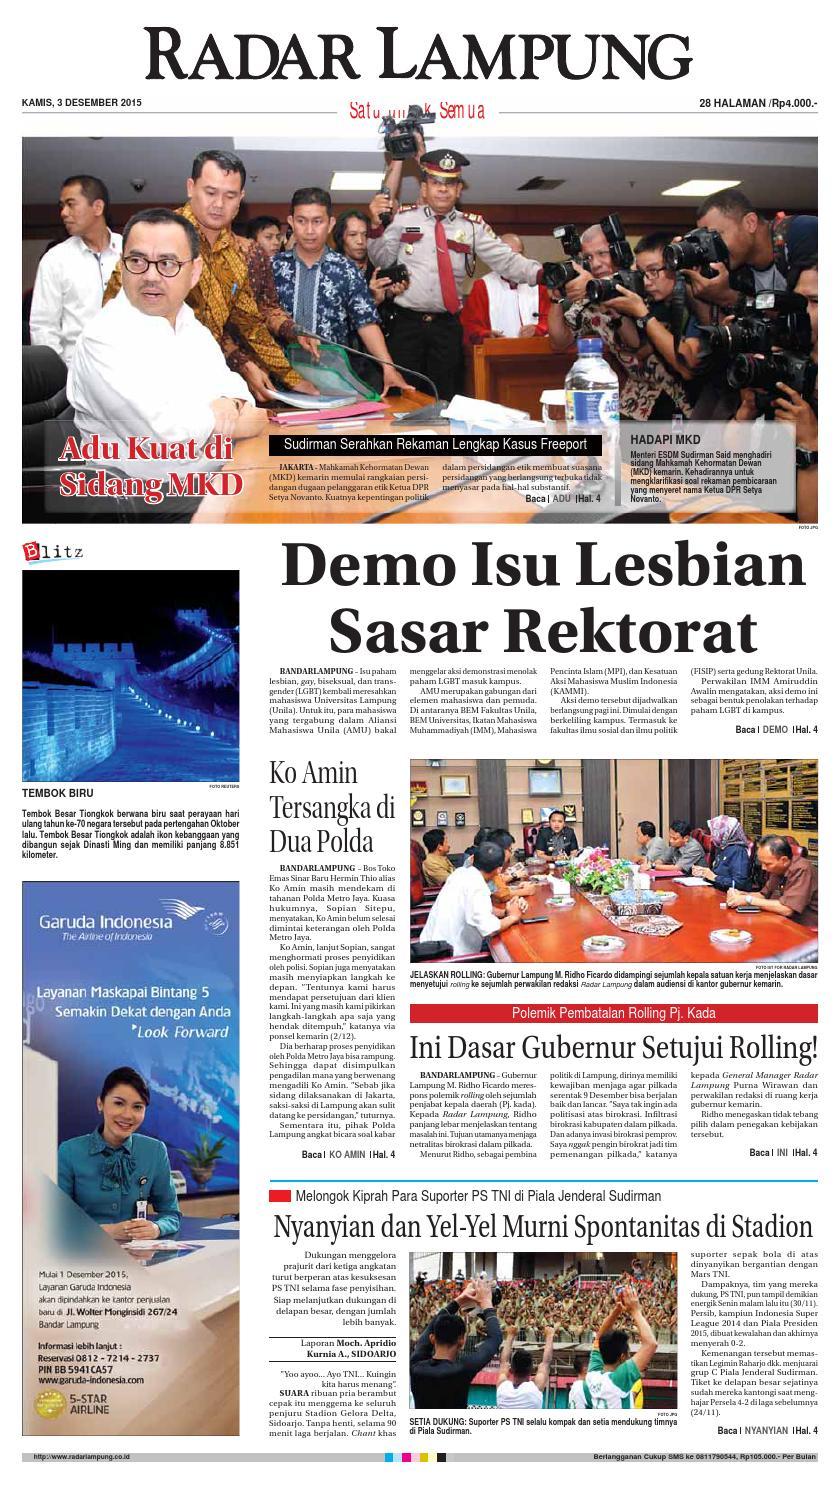 Radar Lampung Kamis 3 Desember 2015 By Ayep Kancee Issuu Produk Ukm Bumn Tenun Pagatan Atasan Wanita 4